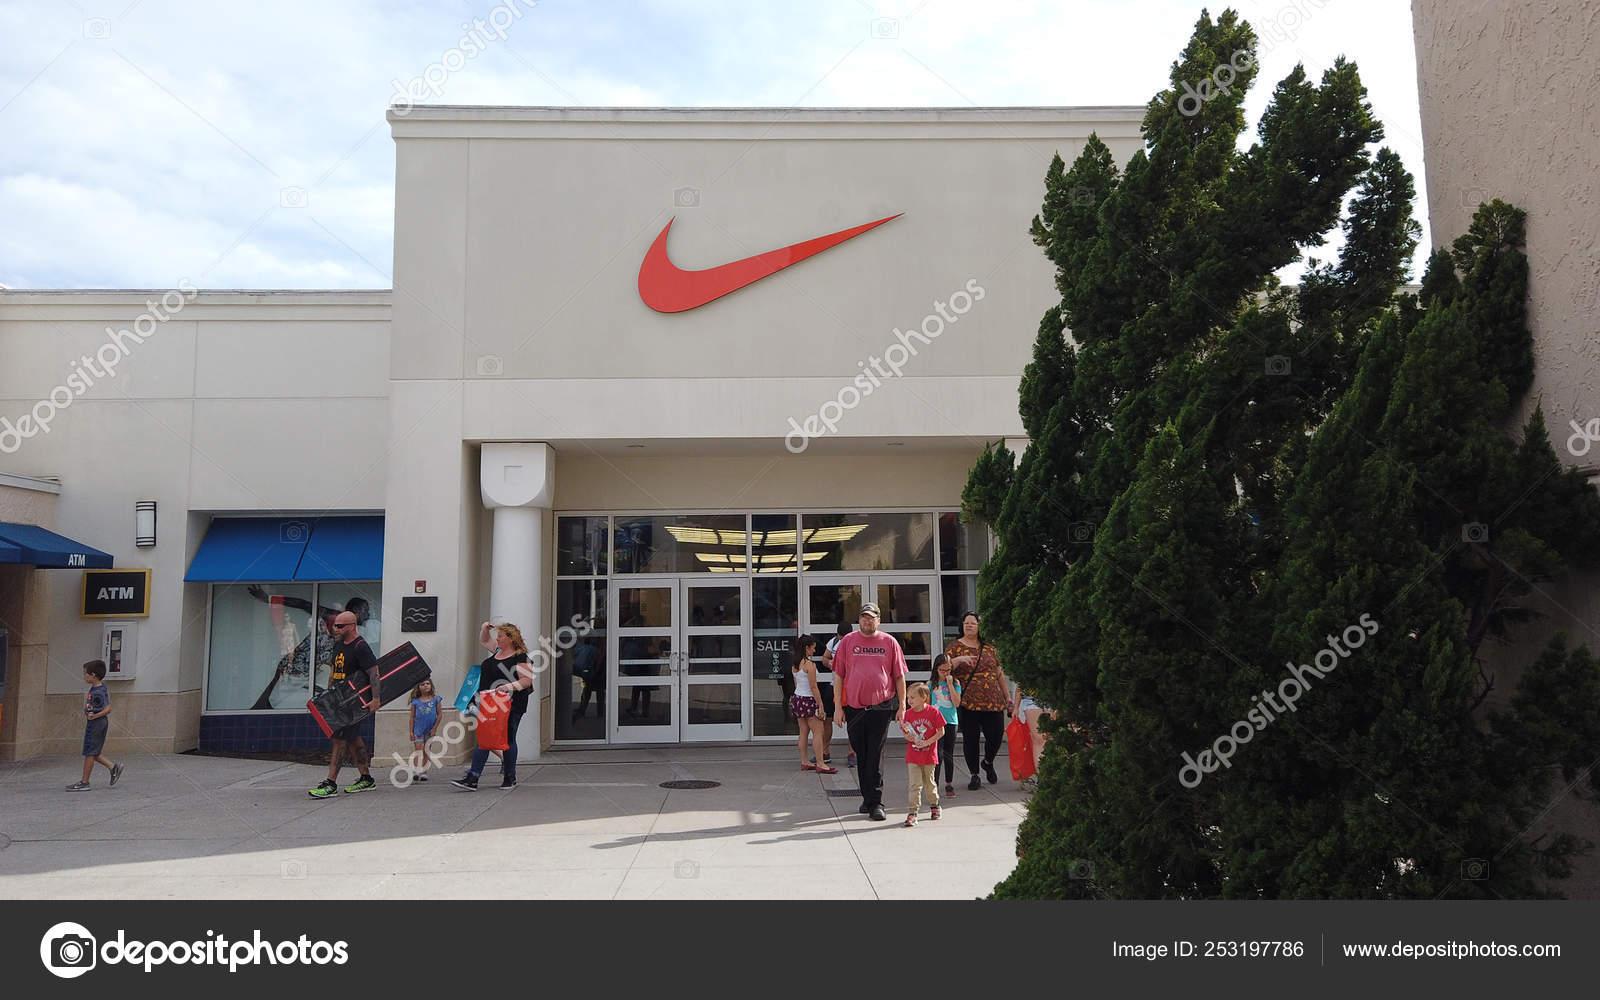 separation shoes 32f84 7ace3 Orlando, Florida USA, 2 de marzo de 2019  Nike Factory Store en el centro  comercial Orlando Vineland Premium Outlets Shopping Mall, Vineland, Florida,  ...